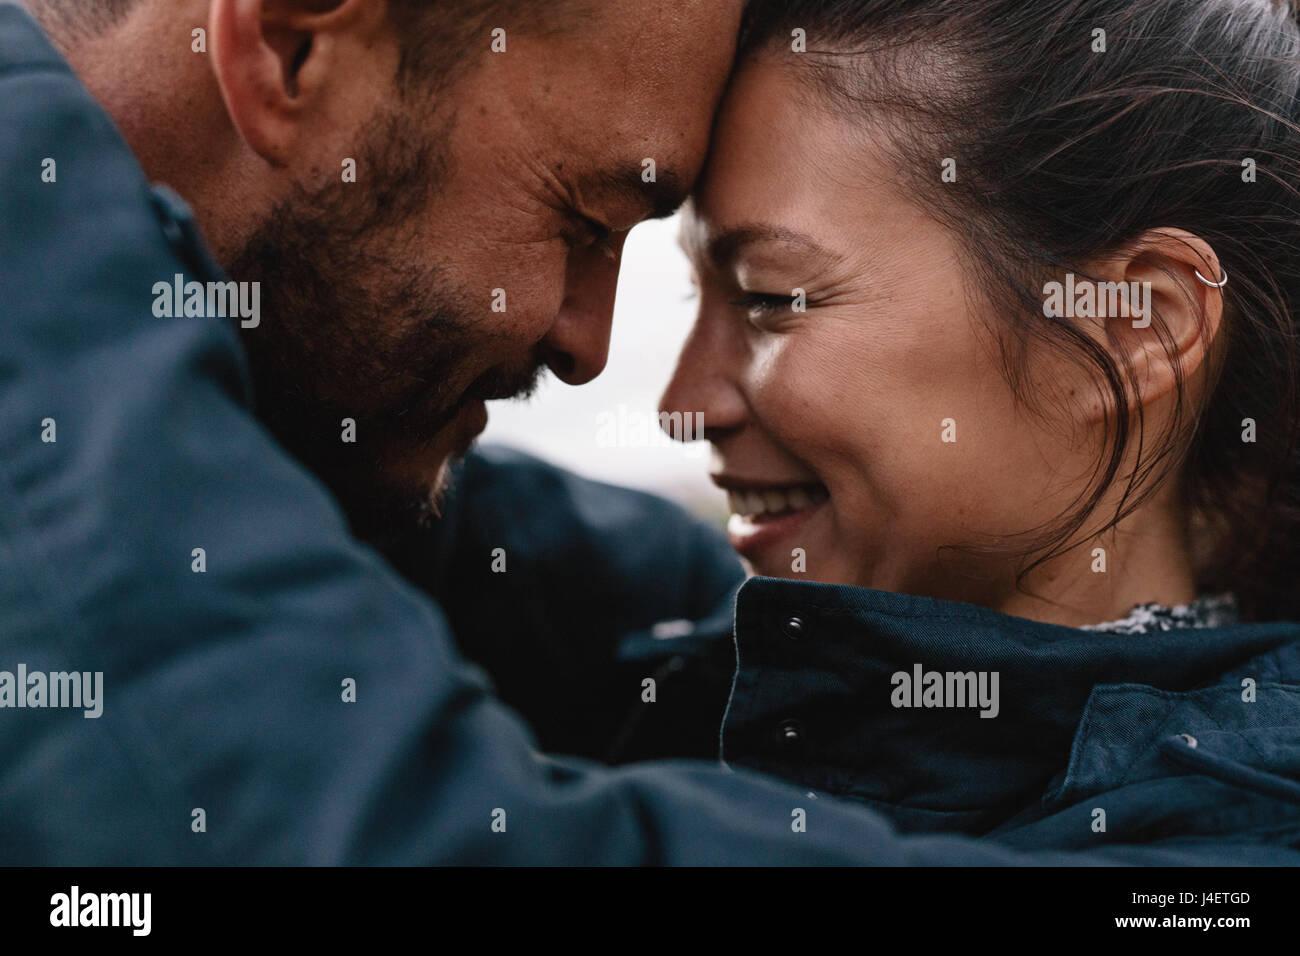 Cierre lateral de retrato de joven pareja de raza mixta en el amor. Pareja abrazándose entre sí y sonriente. Imagen De Stock